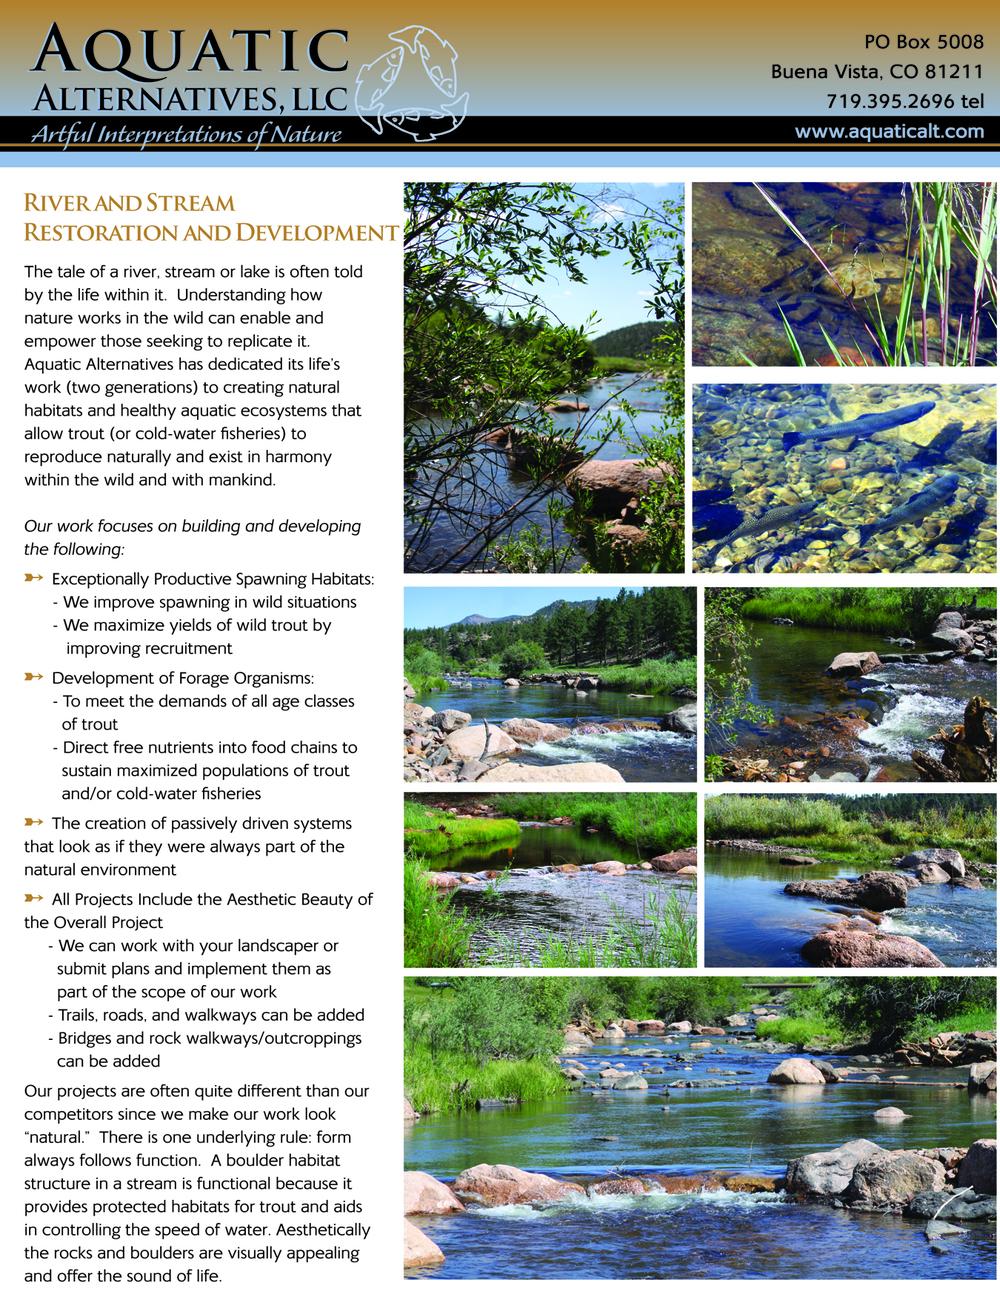 AA-Rivers-Streams1.jpg